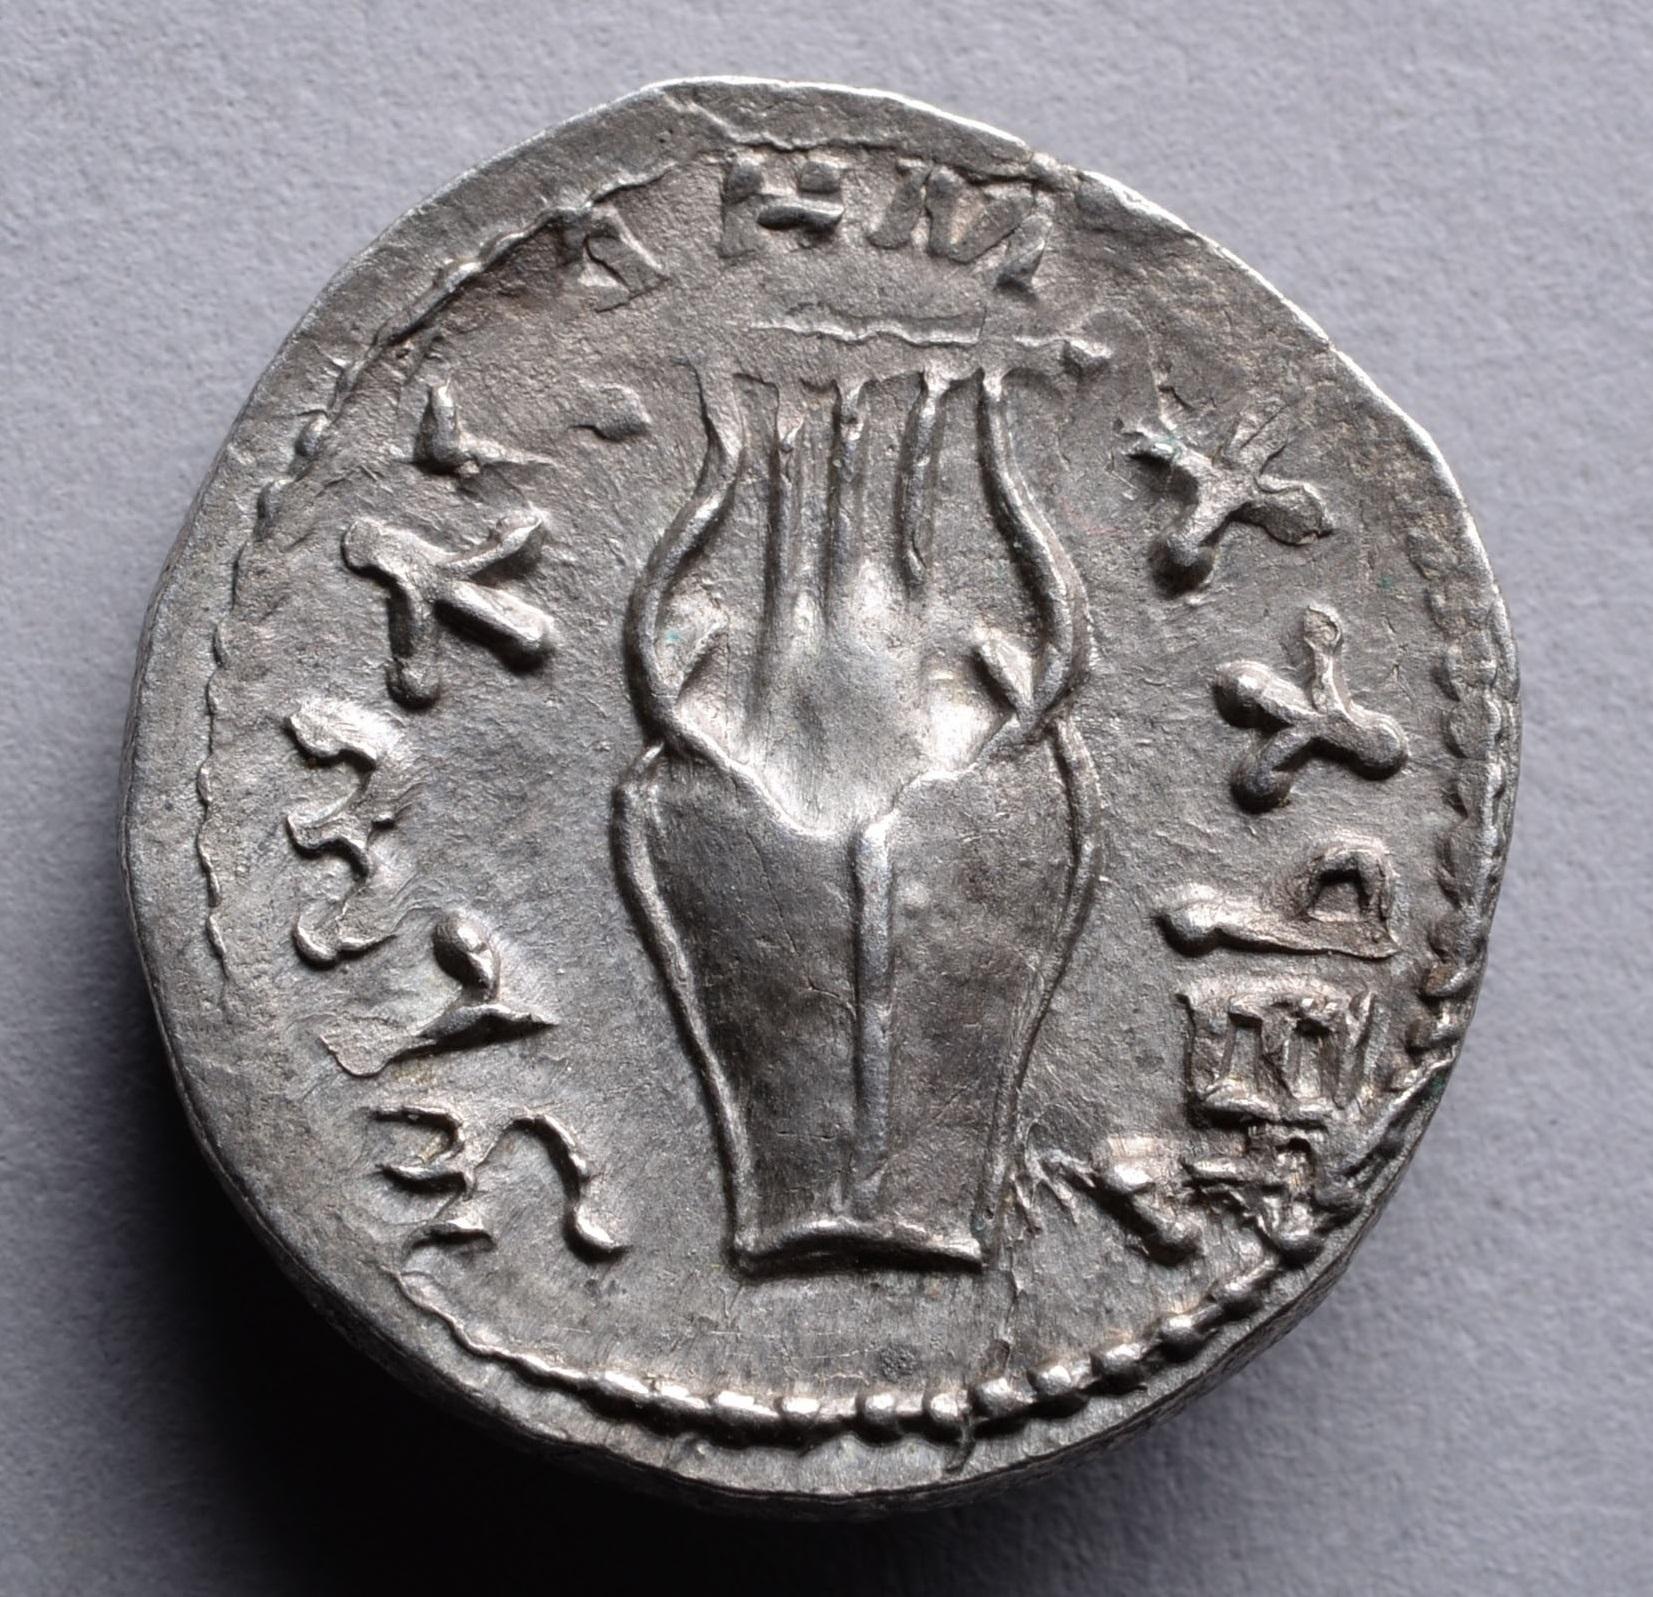 上图:主后132年-135年犹太巴尔·科赫巴起义(Bar Kokhba revolt)期间发行的硬币,上面有古代以色列的大卫琴(Kinnor/כִּנּוֹר)的图案。